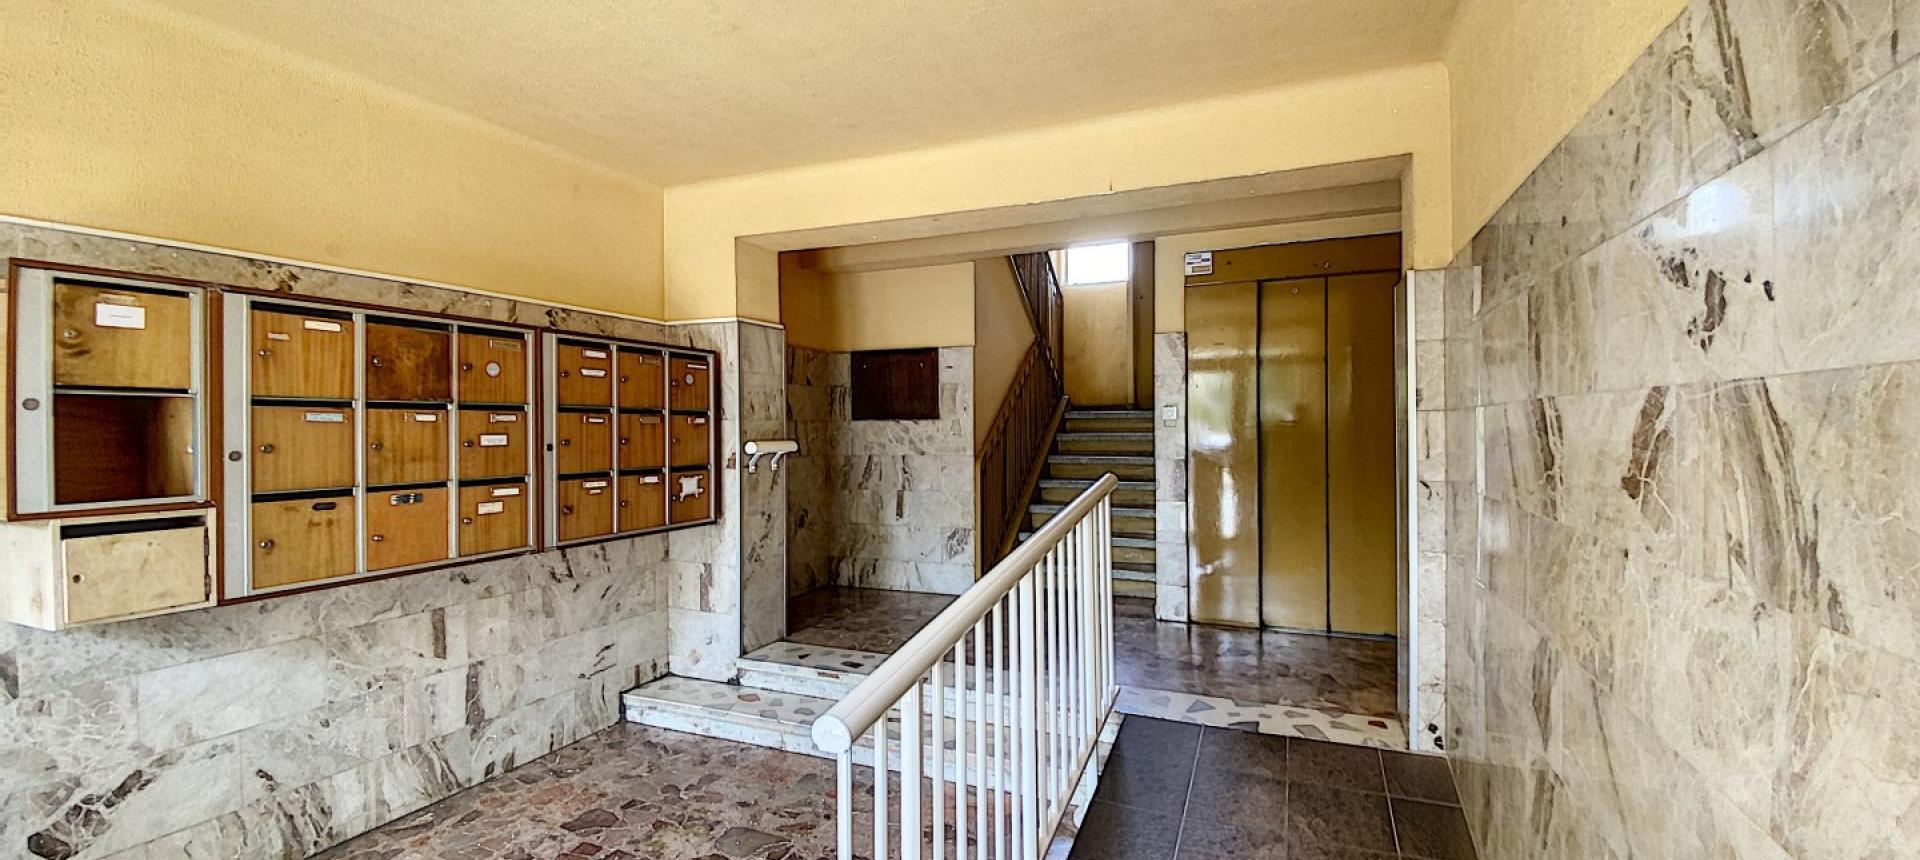 A vendre appartement F3 proche centre-ville - Vue entrée résidence